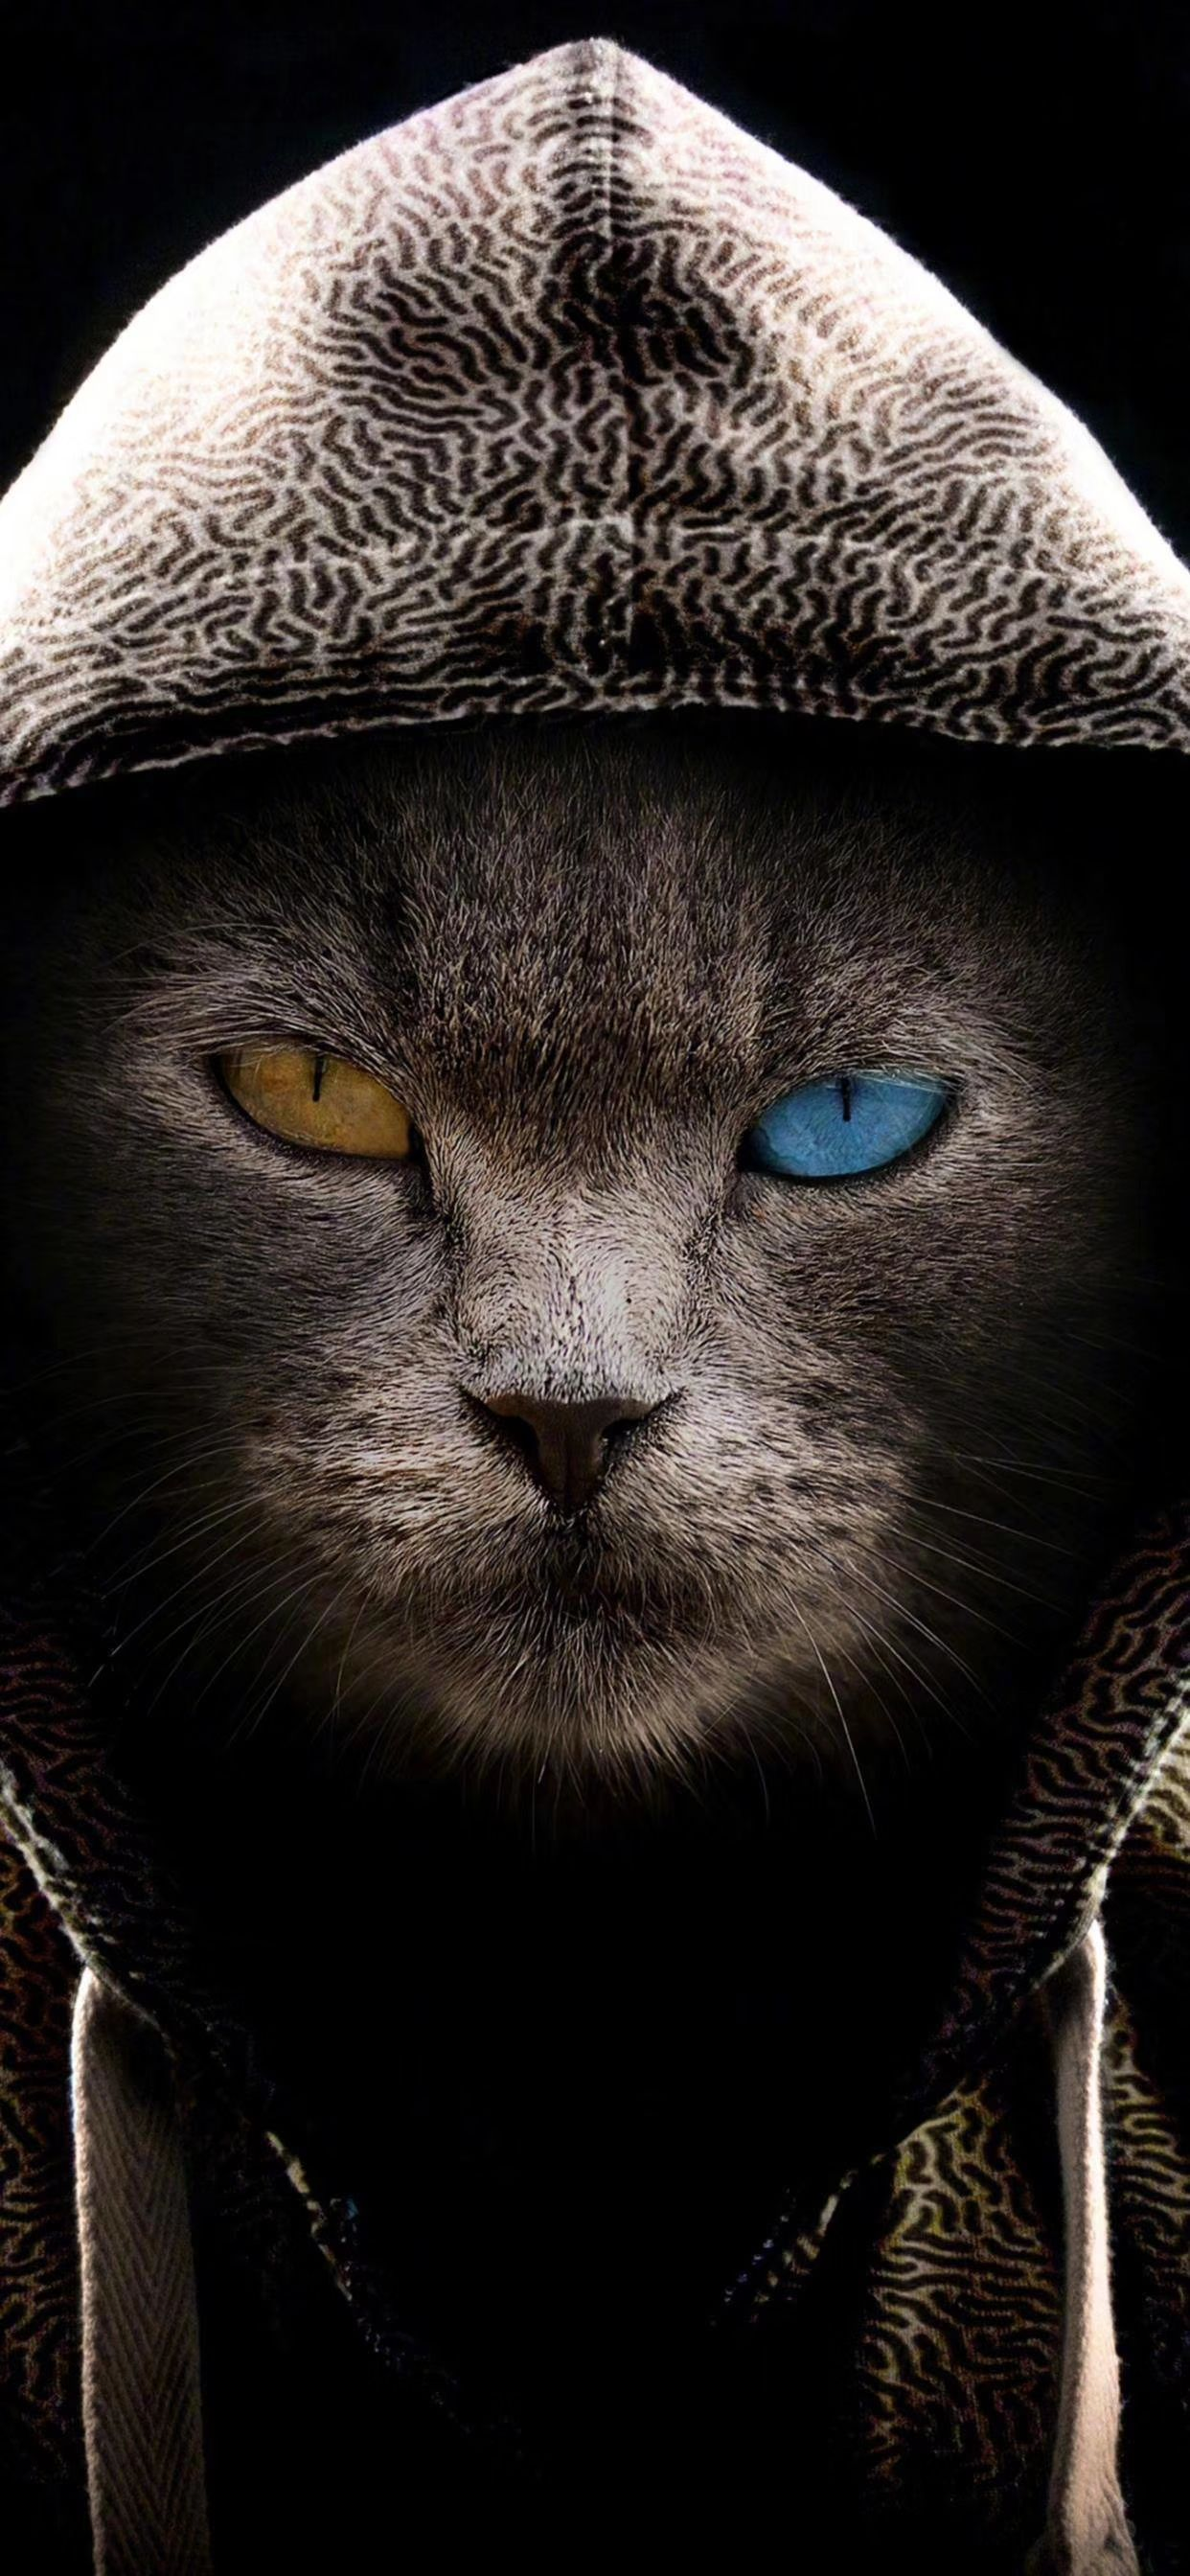 Cat Wallpaper Gatos Animales De Anime Fotos Con Gatos